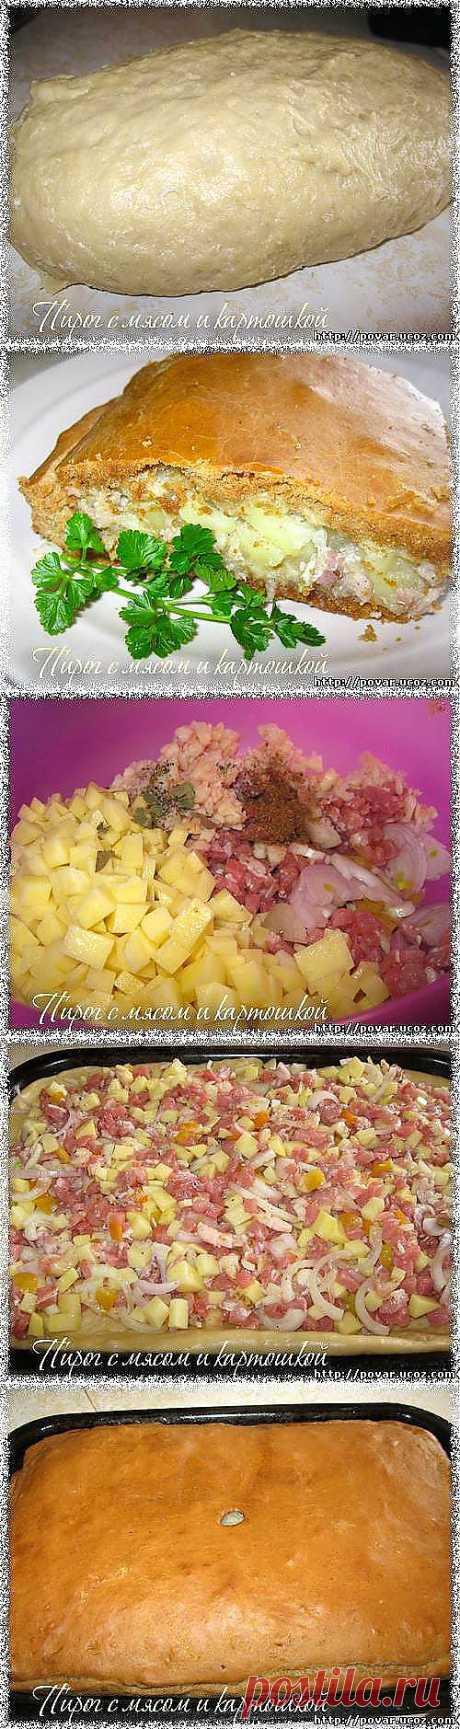 Пирог с мясом и картошеой - Готовим сами | кулинария